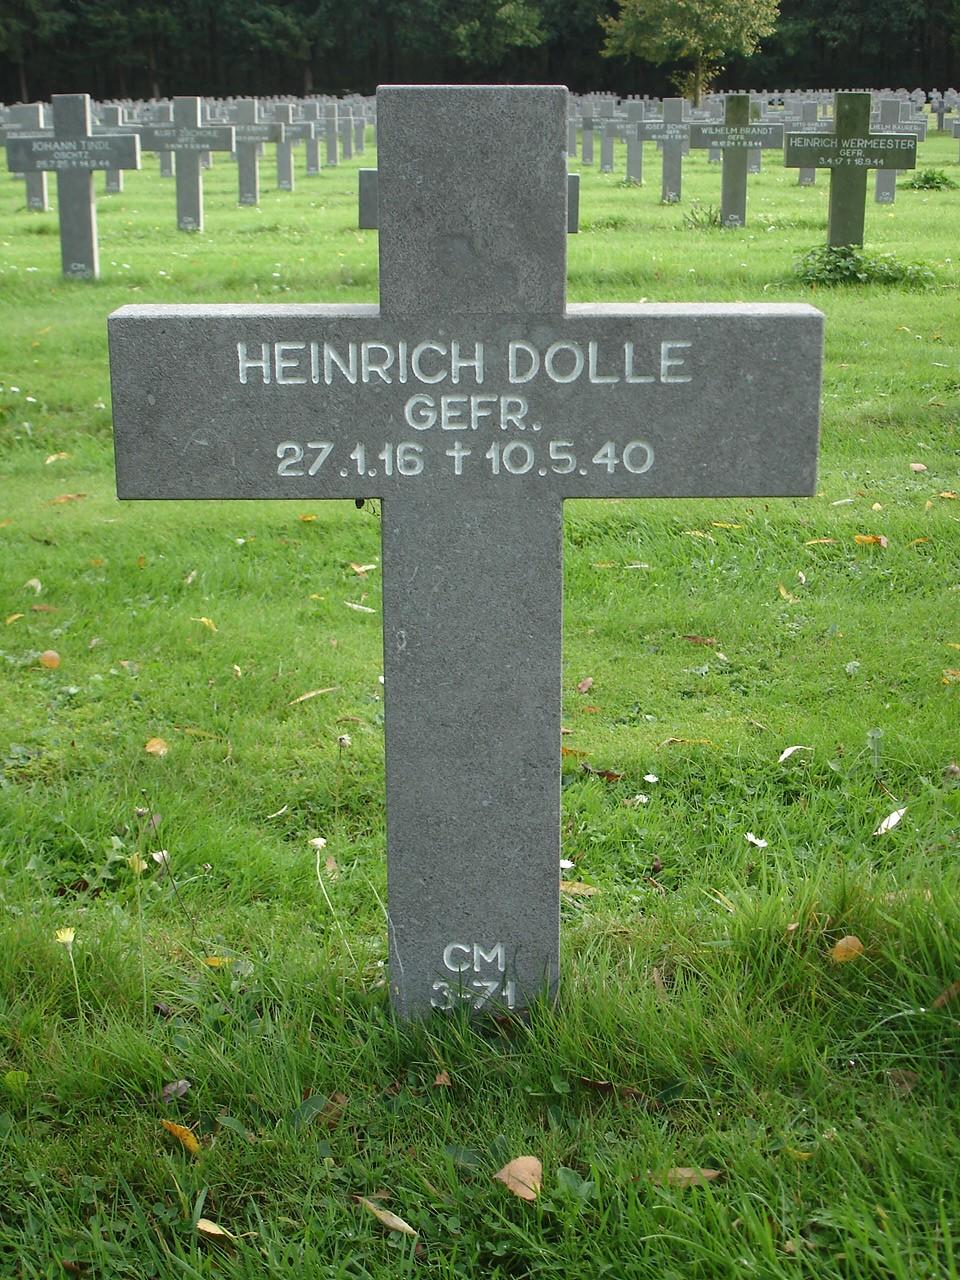 Heinrich Dolle